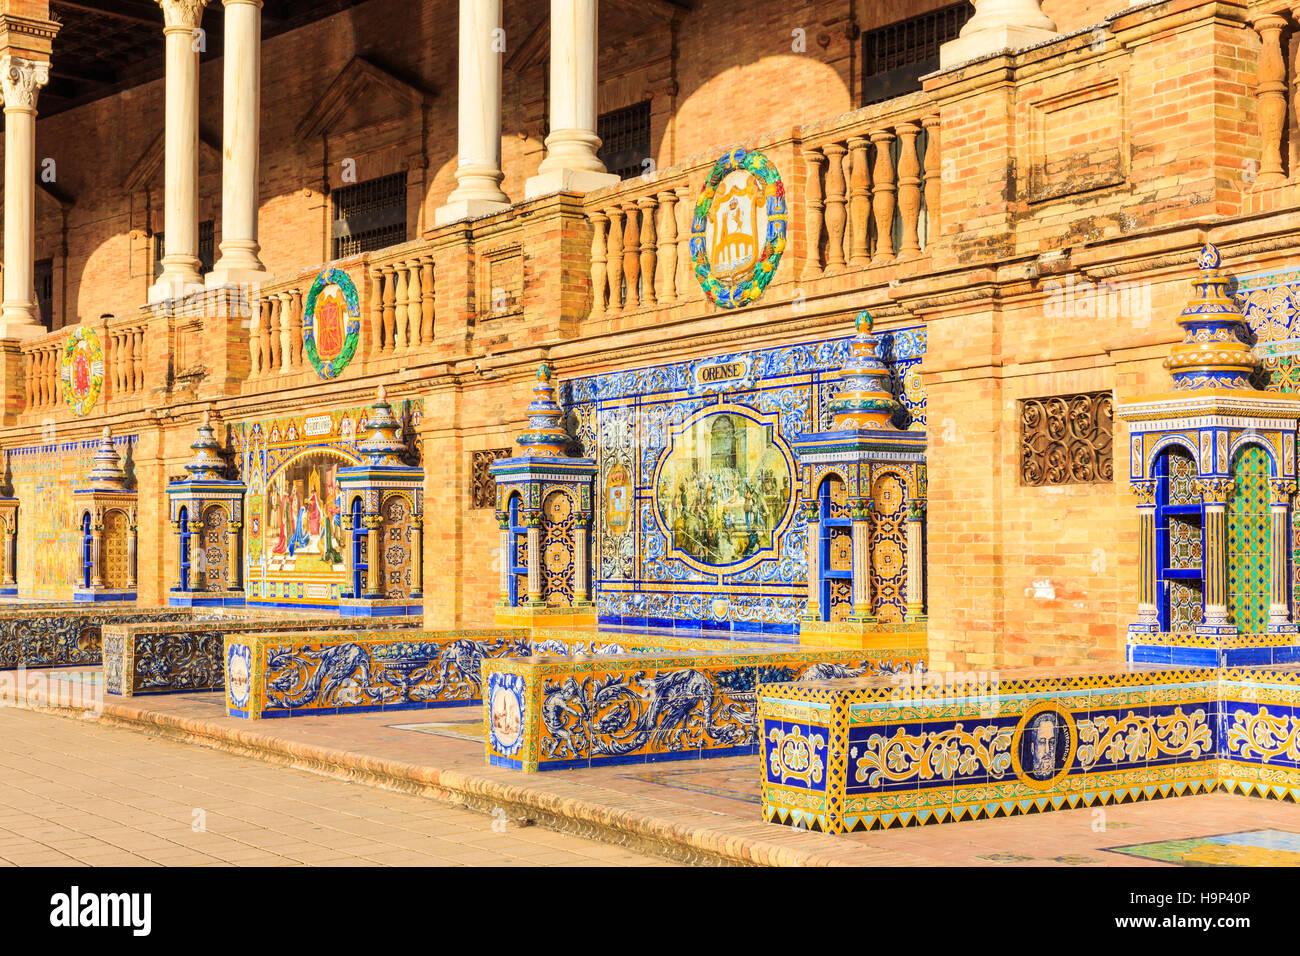 Sevilla, España. Azulejos en las paredes de la Plaza de España (Plaza de España) Foto de stock